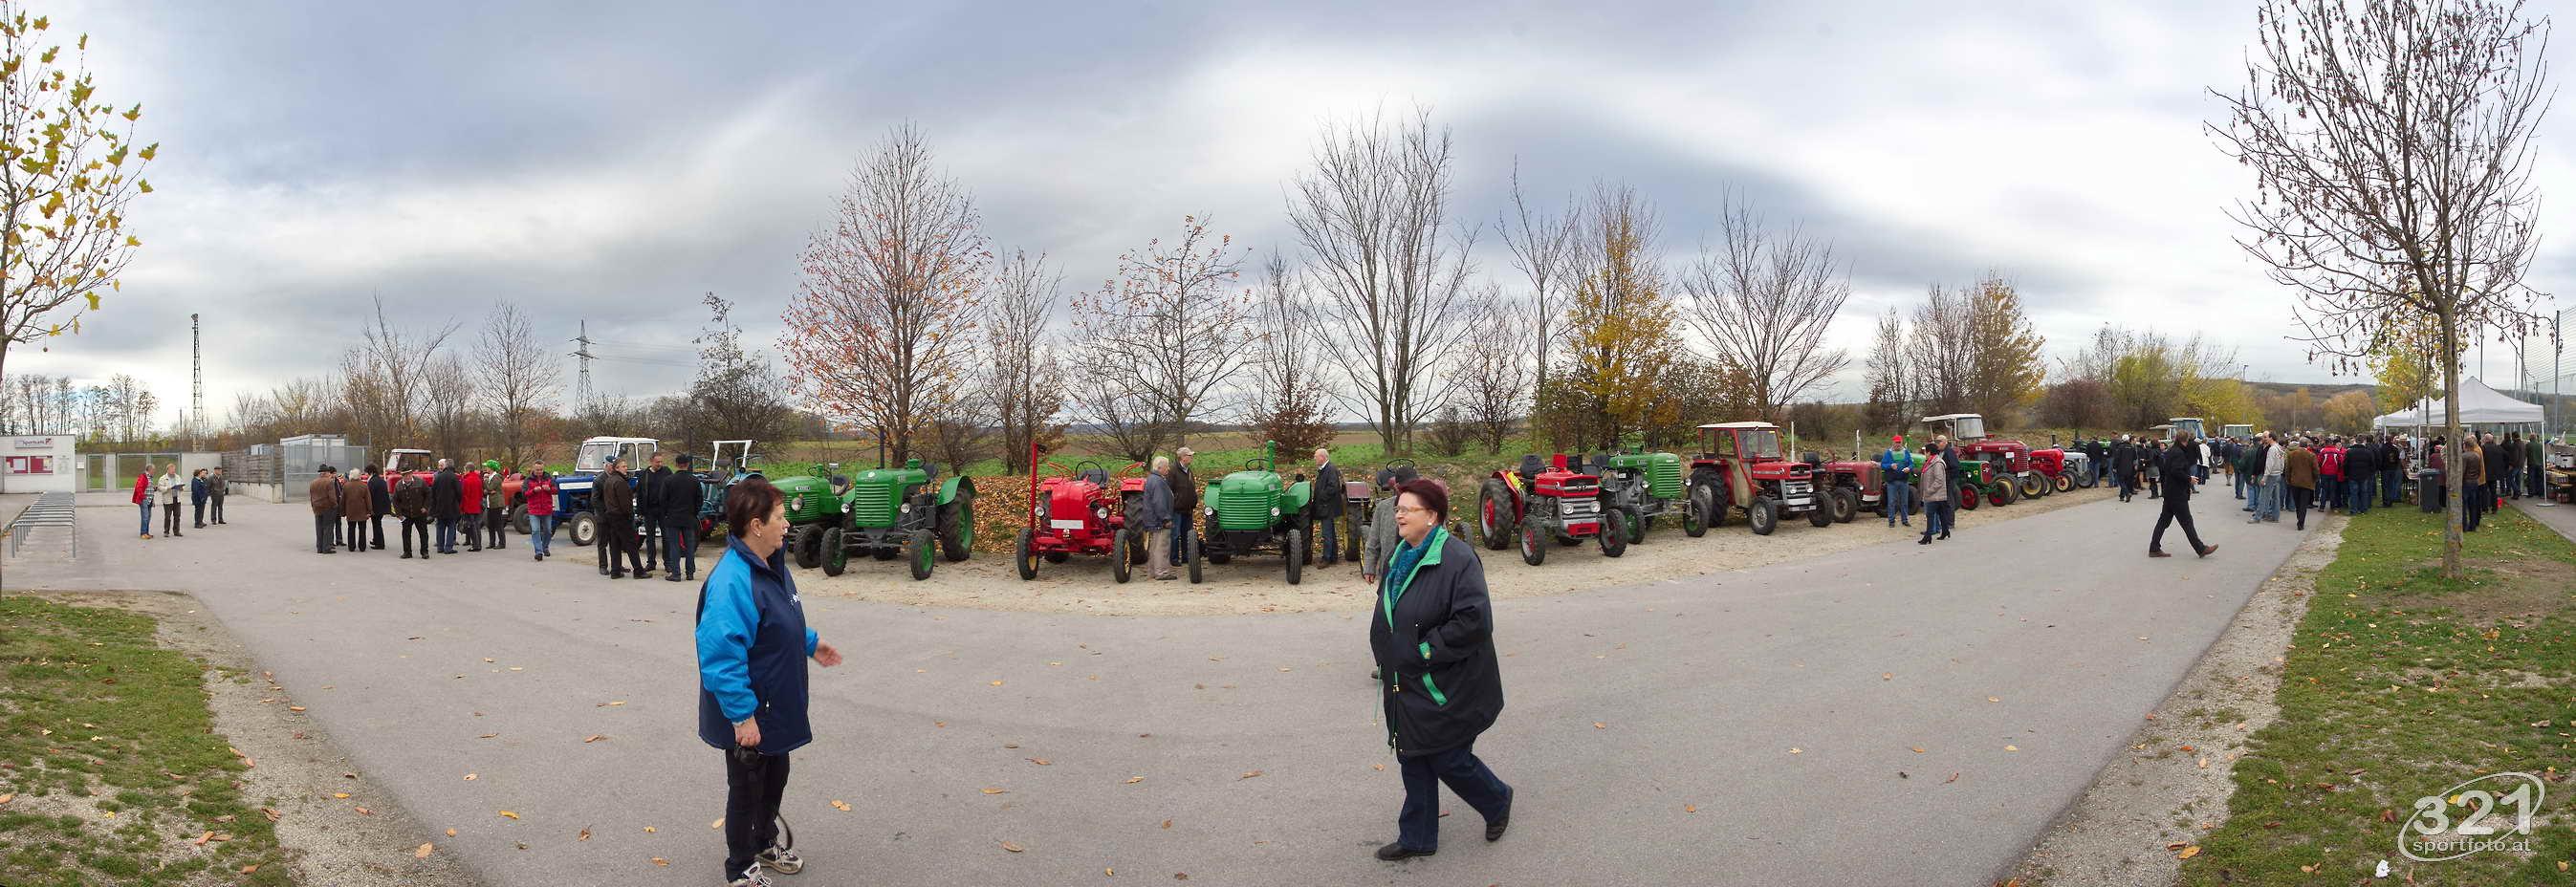 """11.11.2012:  Das 23. Traktorrennen startete wieder pünktlich zum Faschingsbeginn um 11:11 """"In Wiesen"""" am Sportplatz Wolkersdorf."""